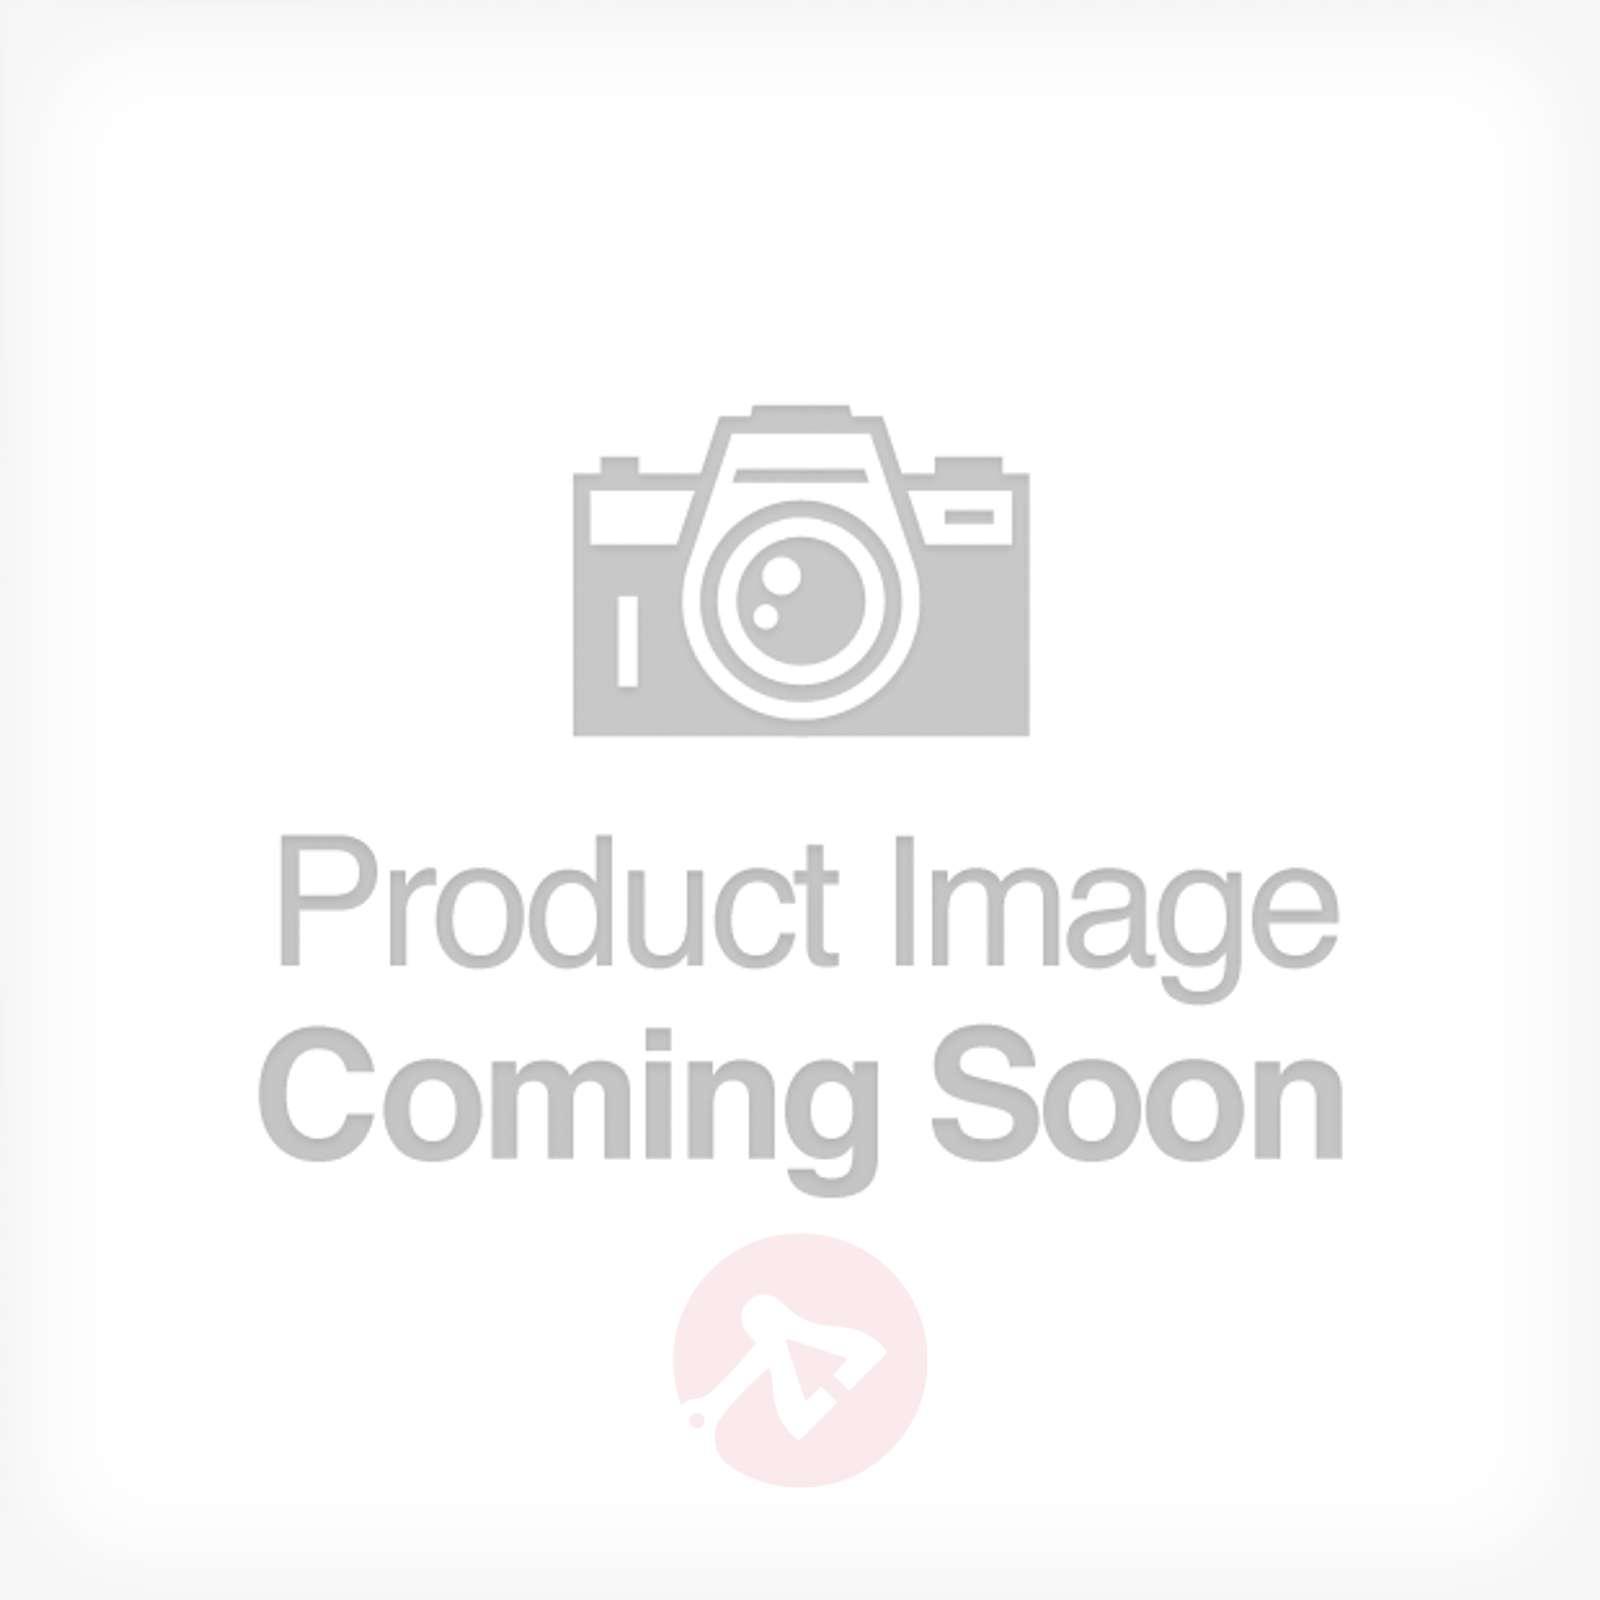 LED-seinävalaisin Digit lukuvalona, nikkeli-1020476-04